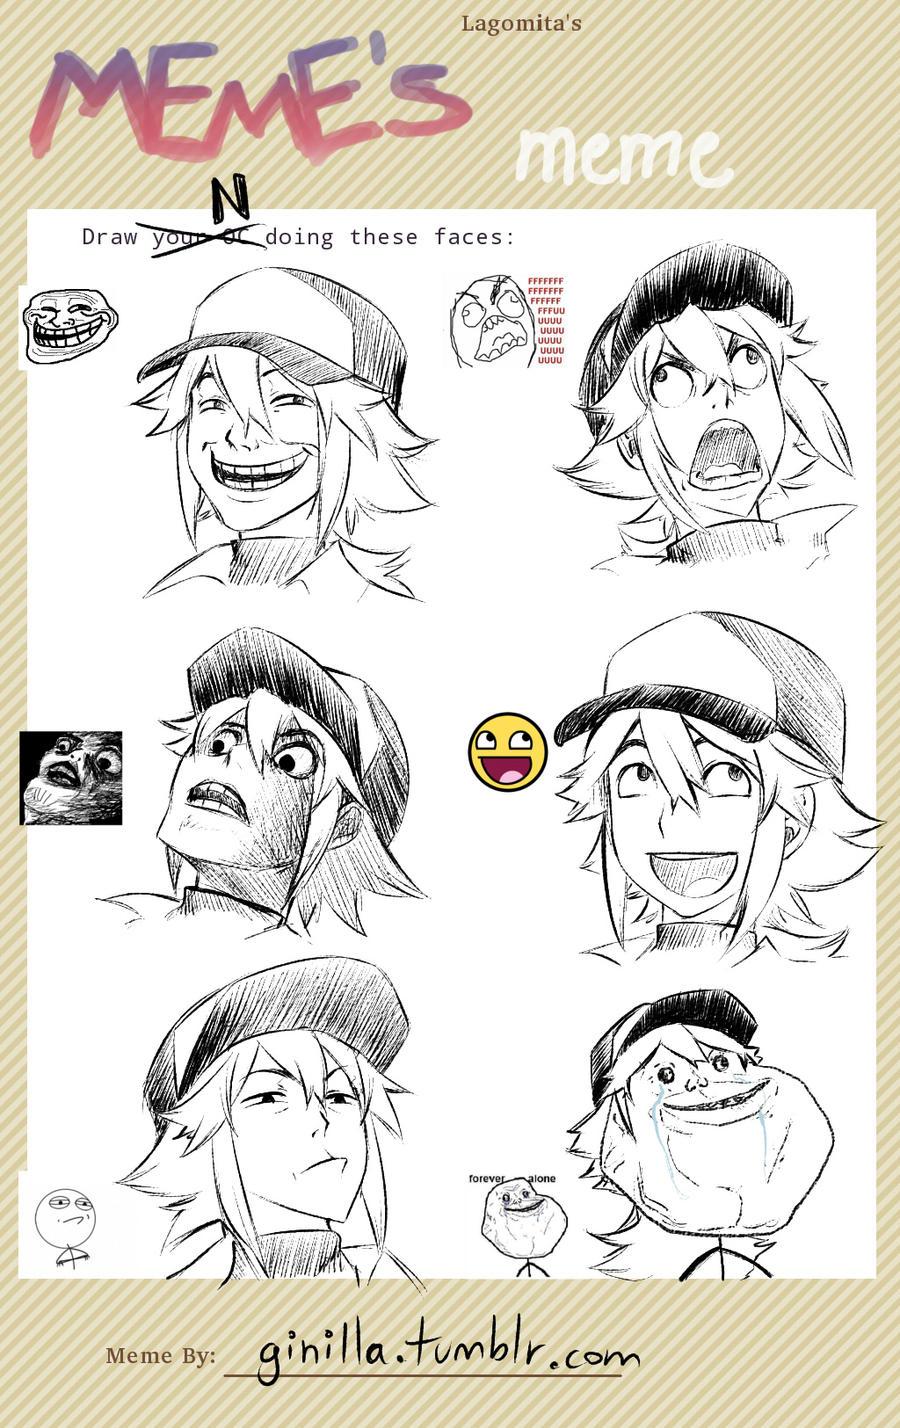 Meme's Meme - N by SaiyaGina